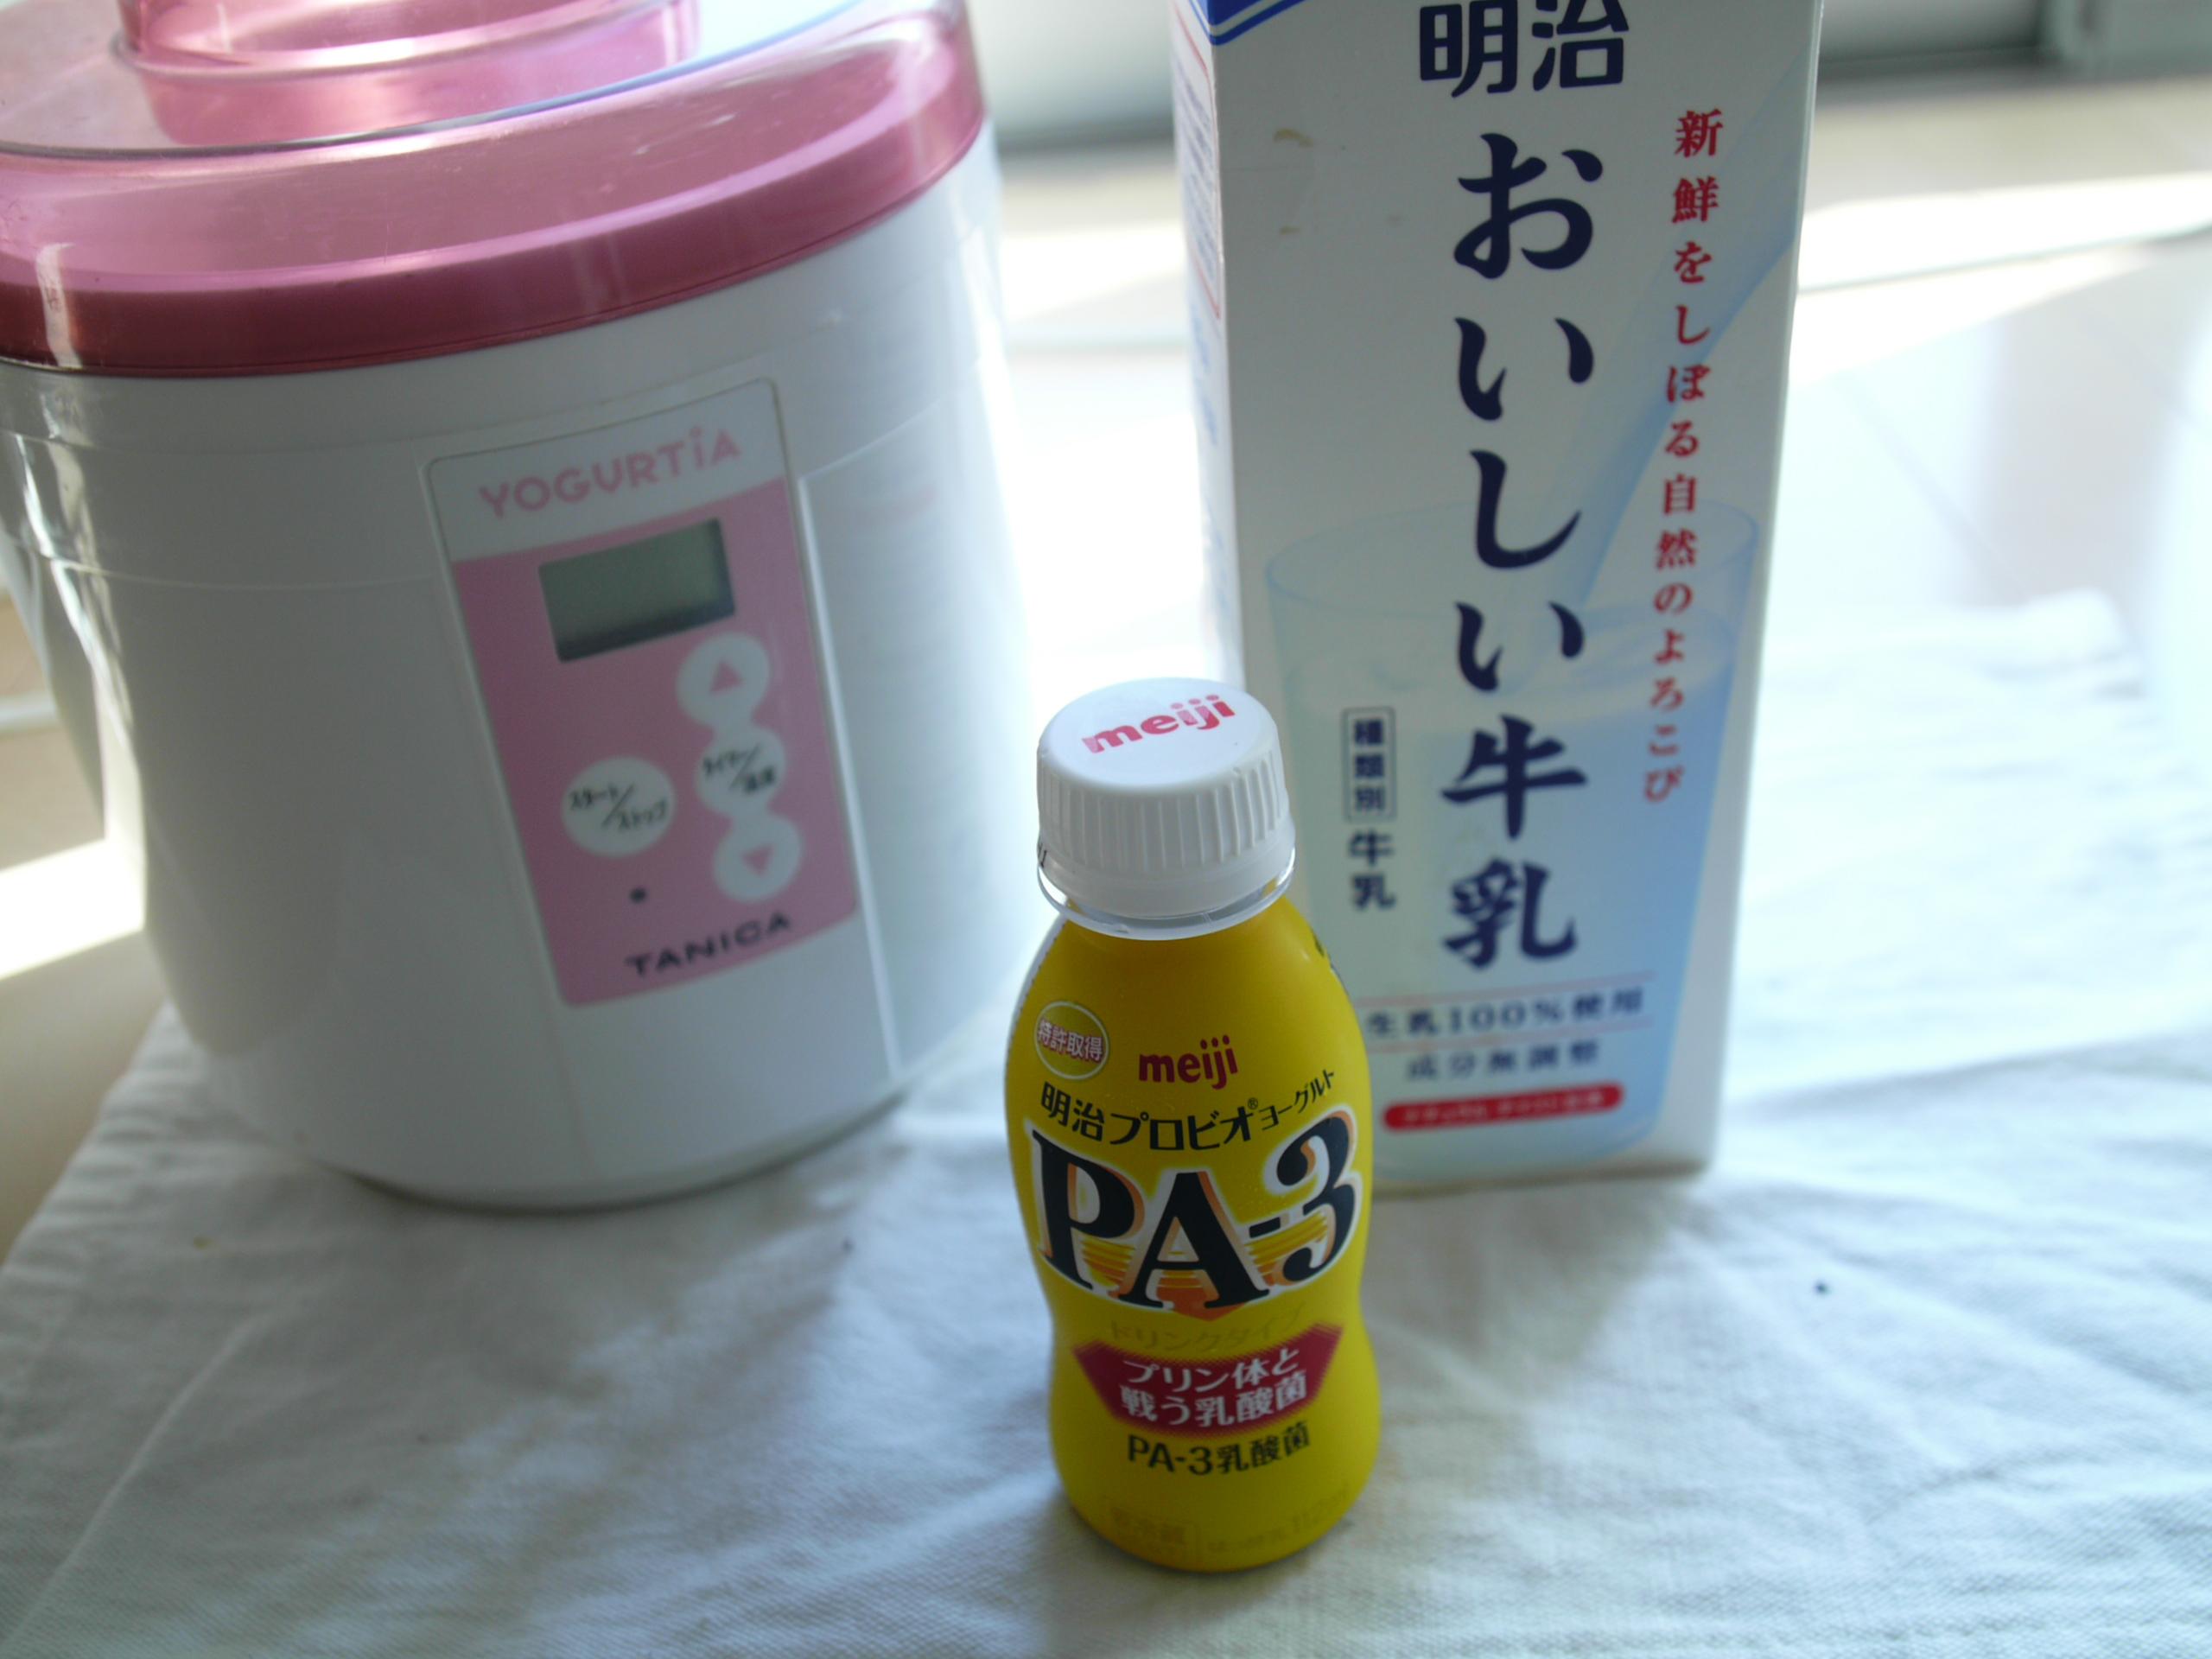 ヨーグルティア、PA-3、おいしい牛乳